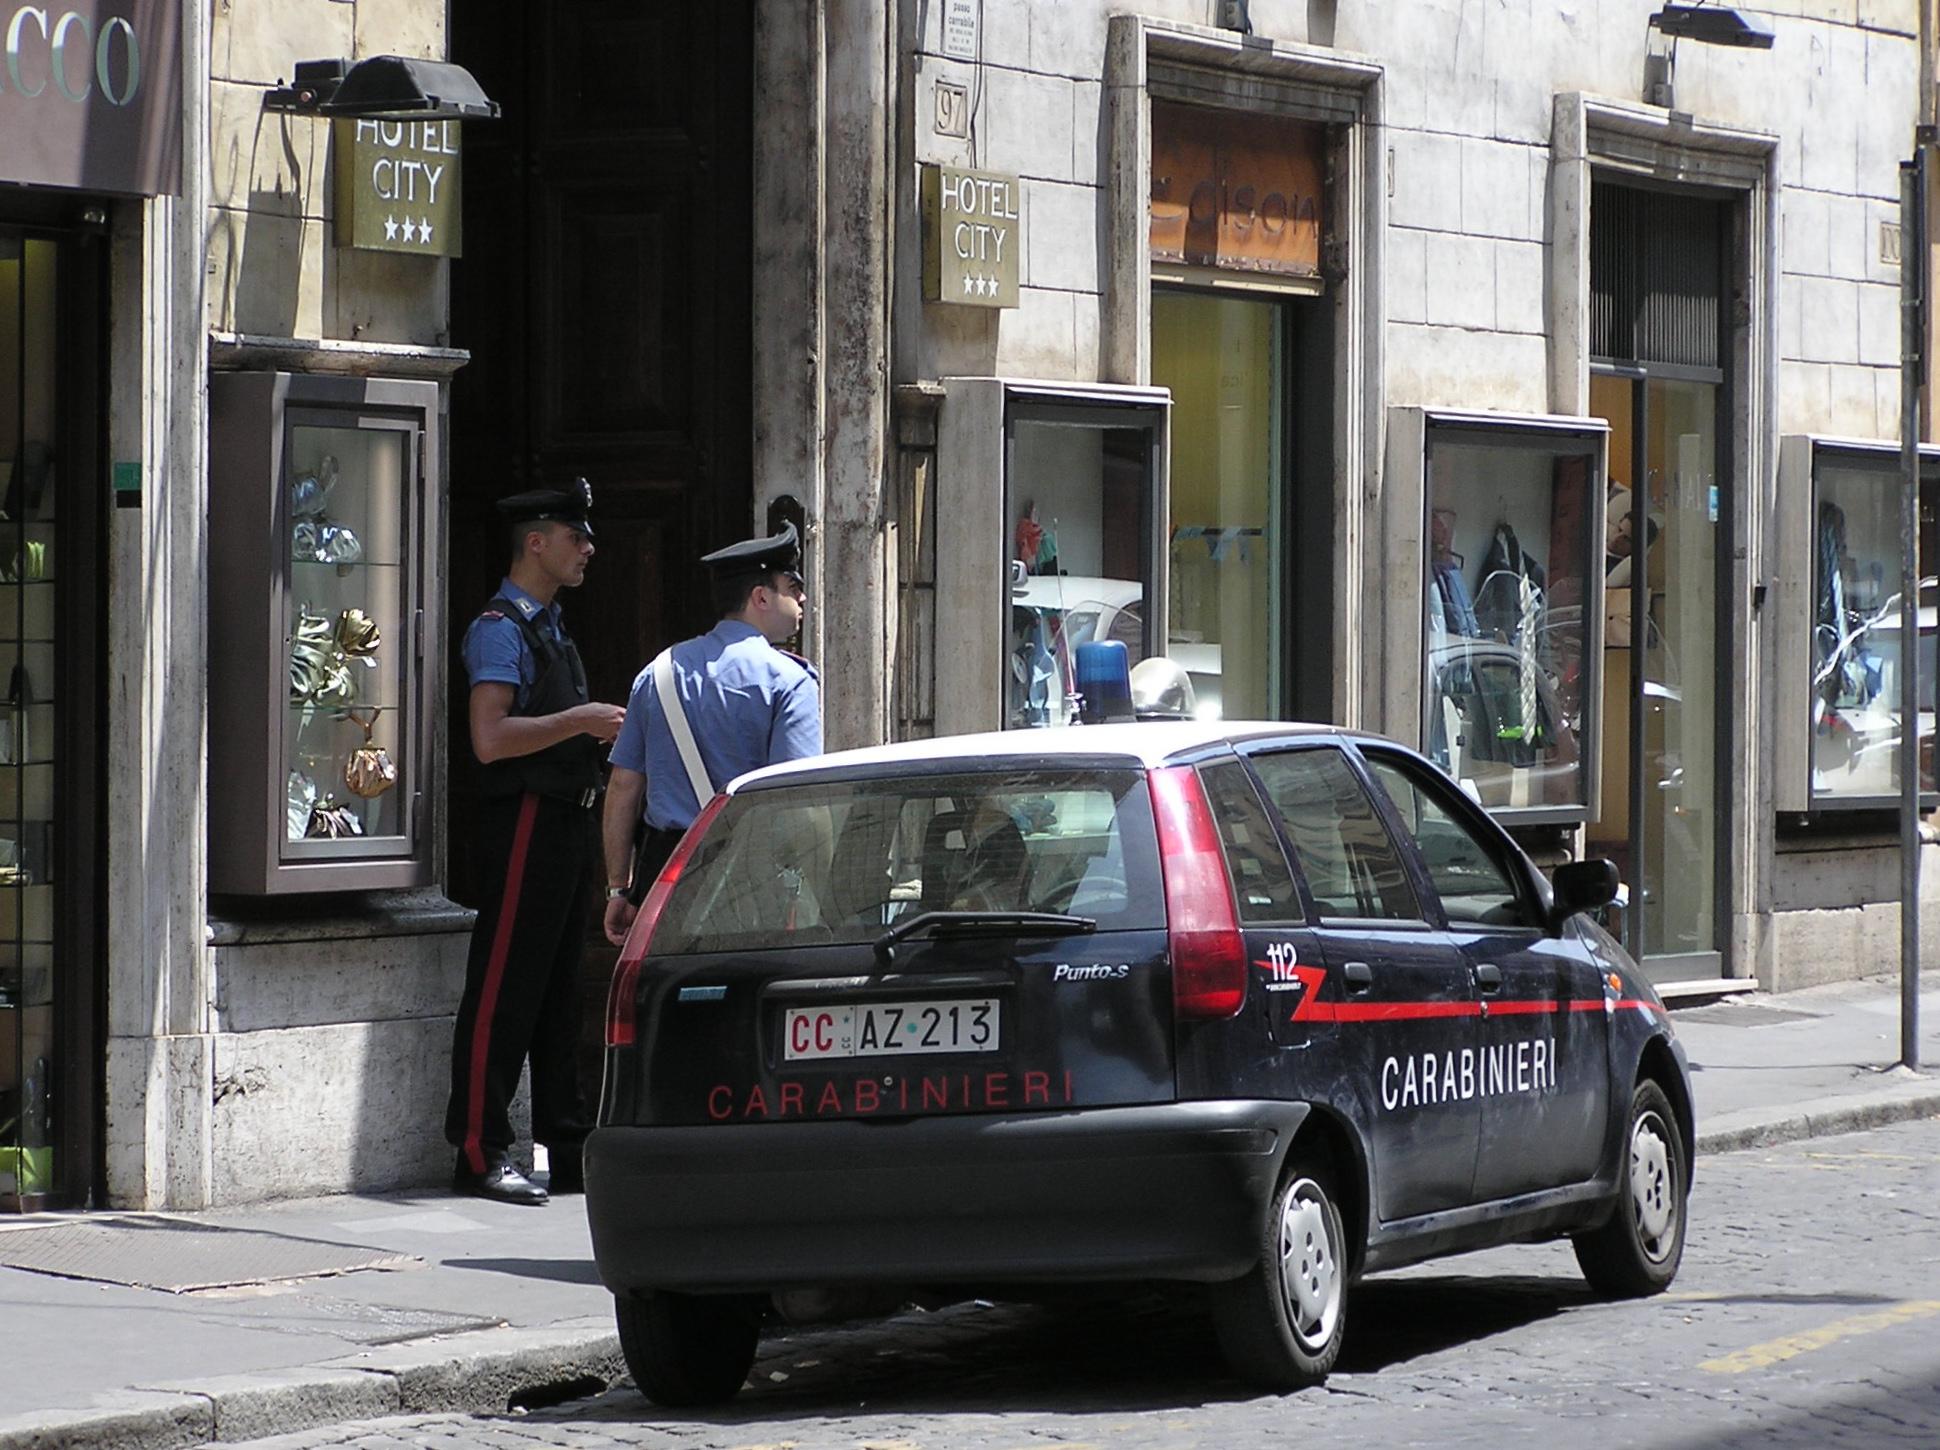 Mestre, bimba rapita: chiesto riscatto lampo, posti di blocco in città